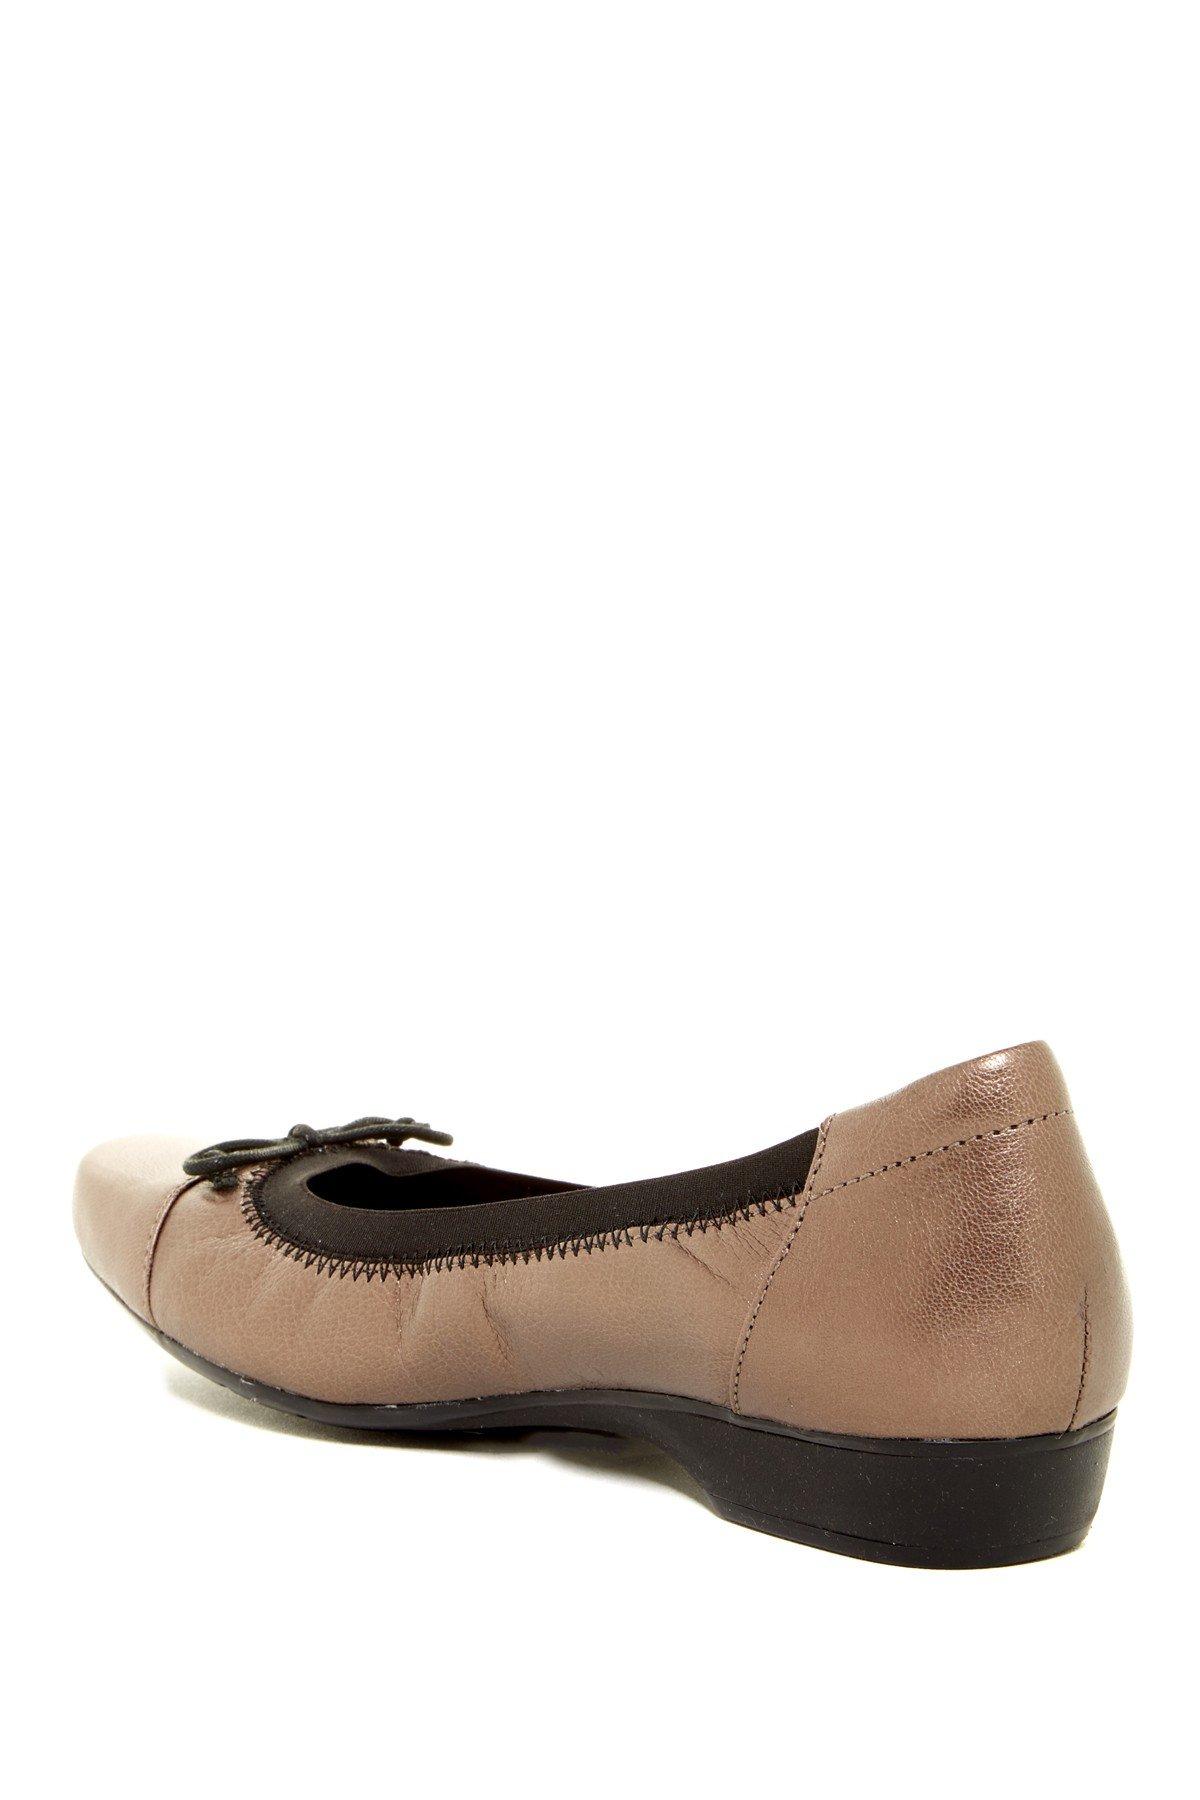 Pewter Satin Flat Shoes